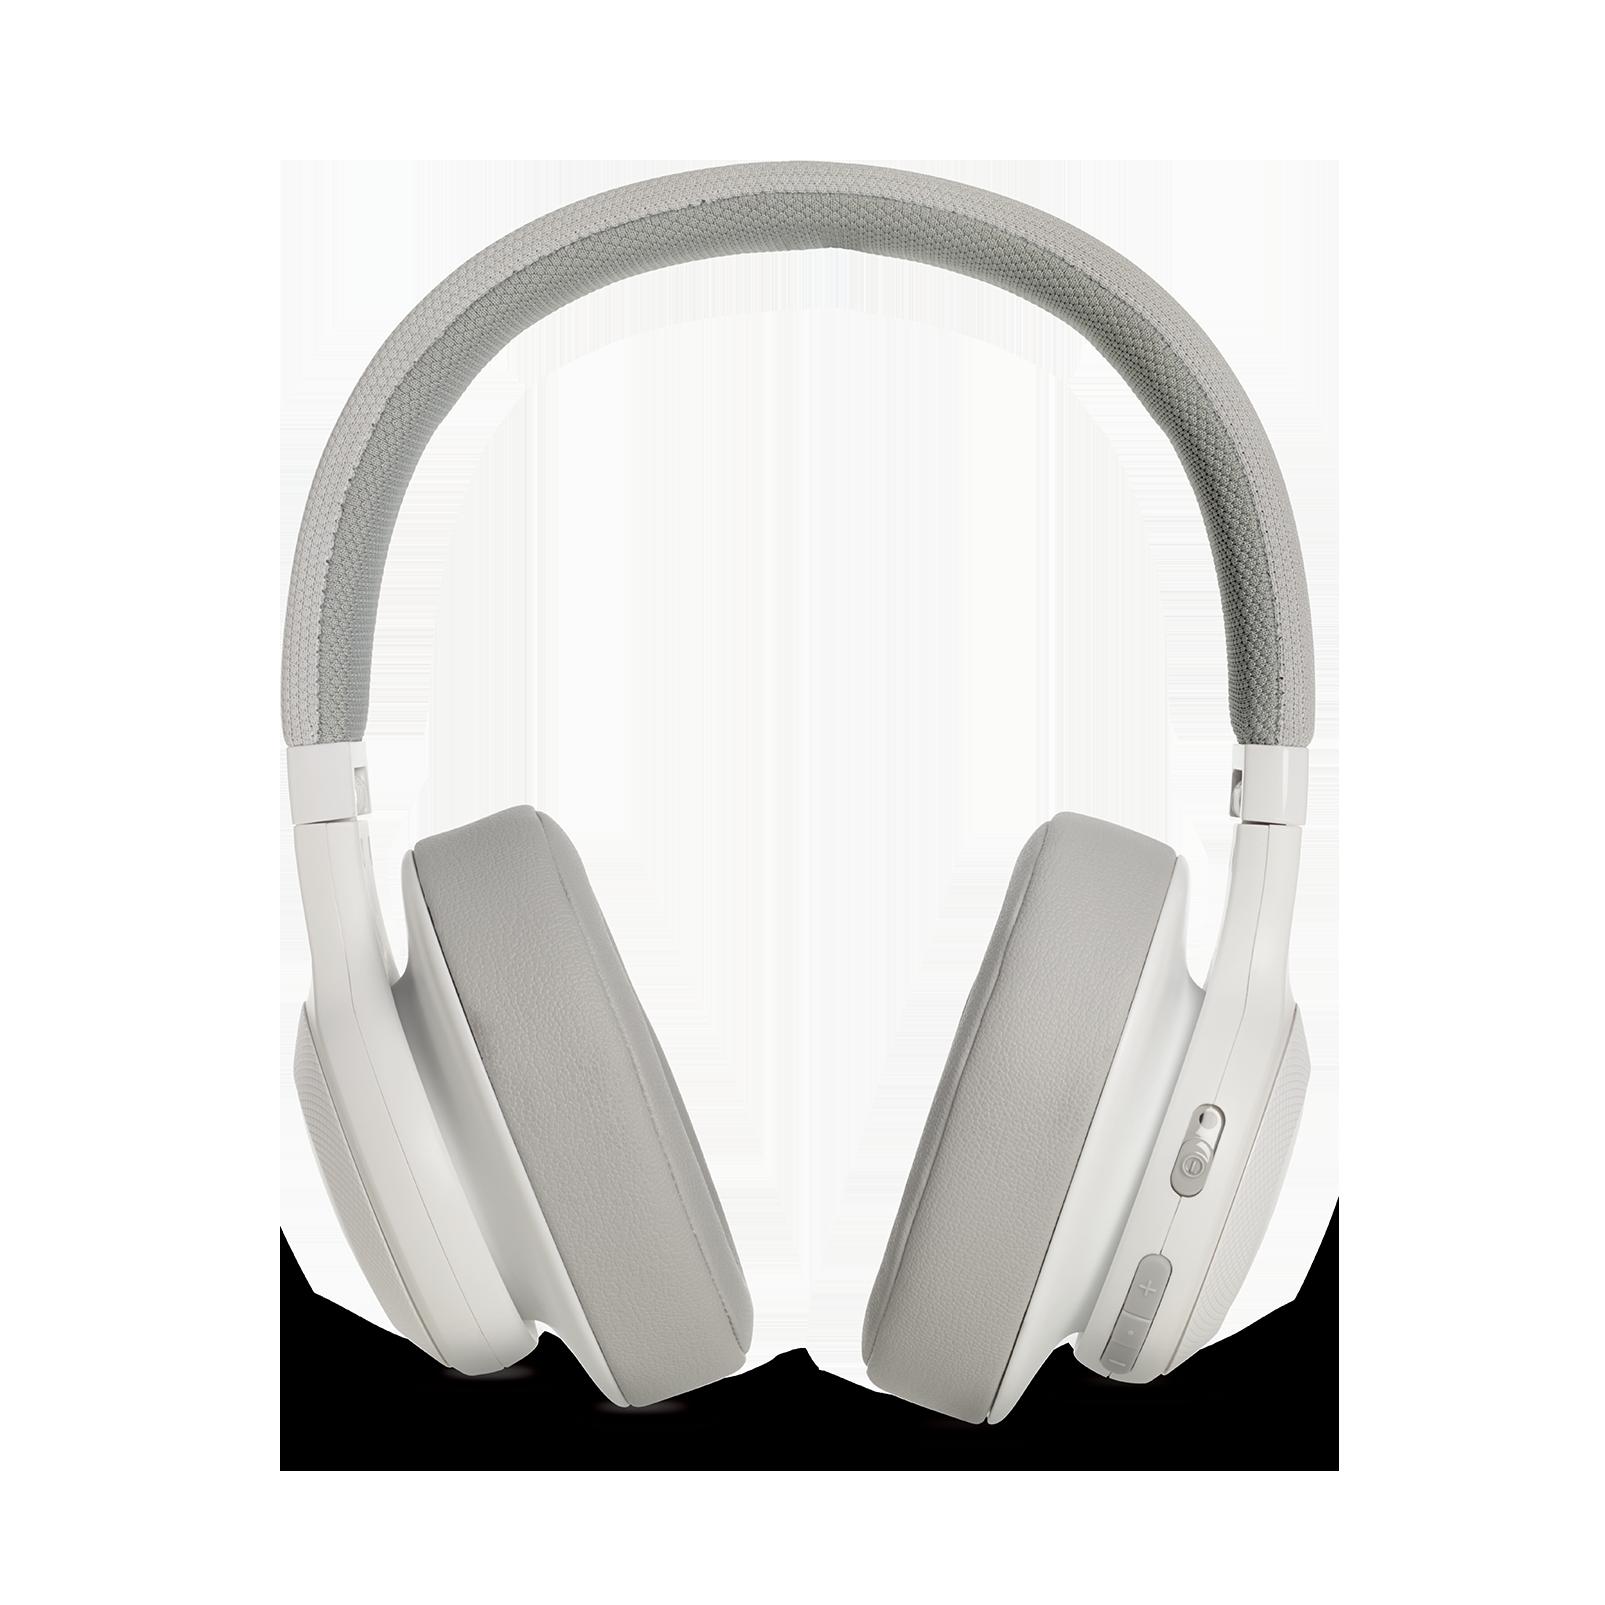 JBL E55BT - White - Wireless over-ear headphones - Detailshot 4